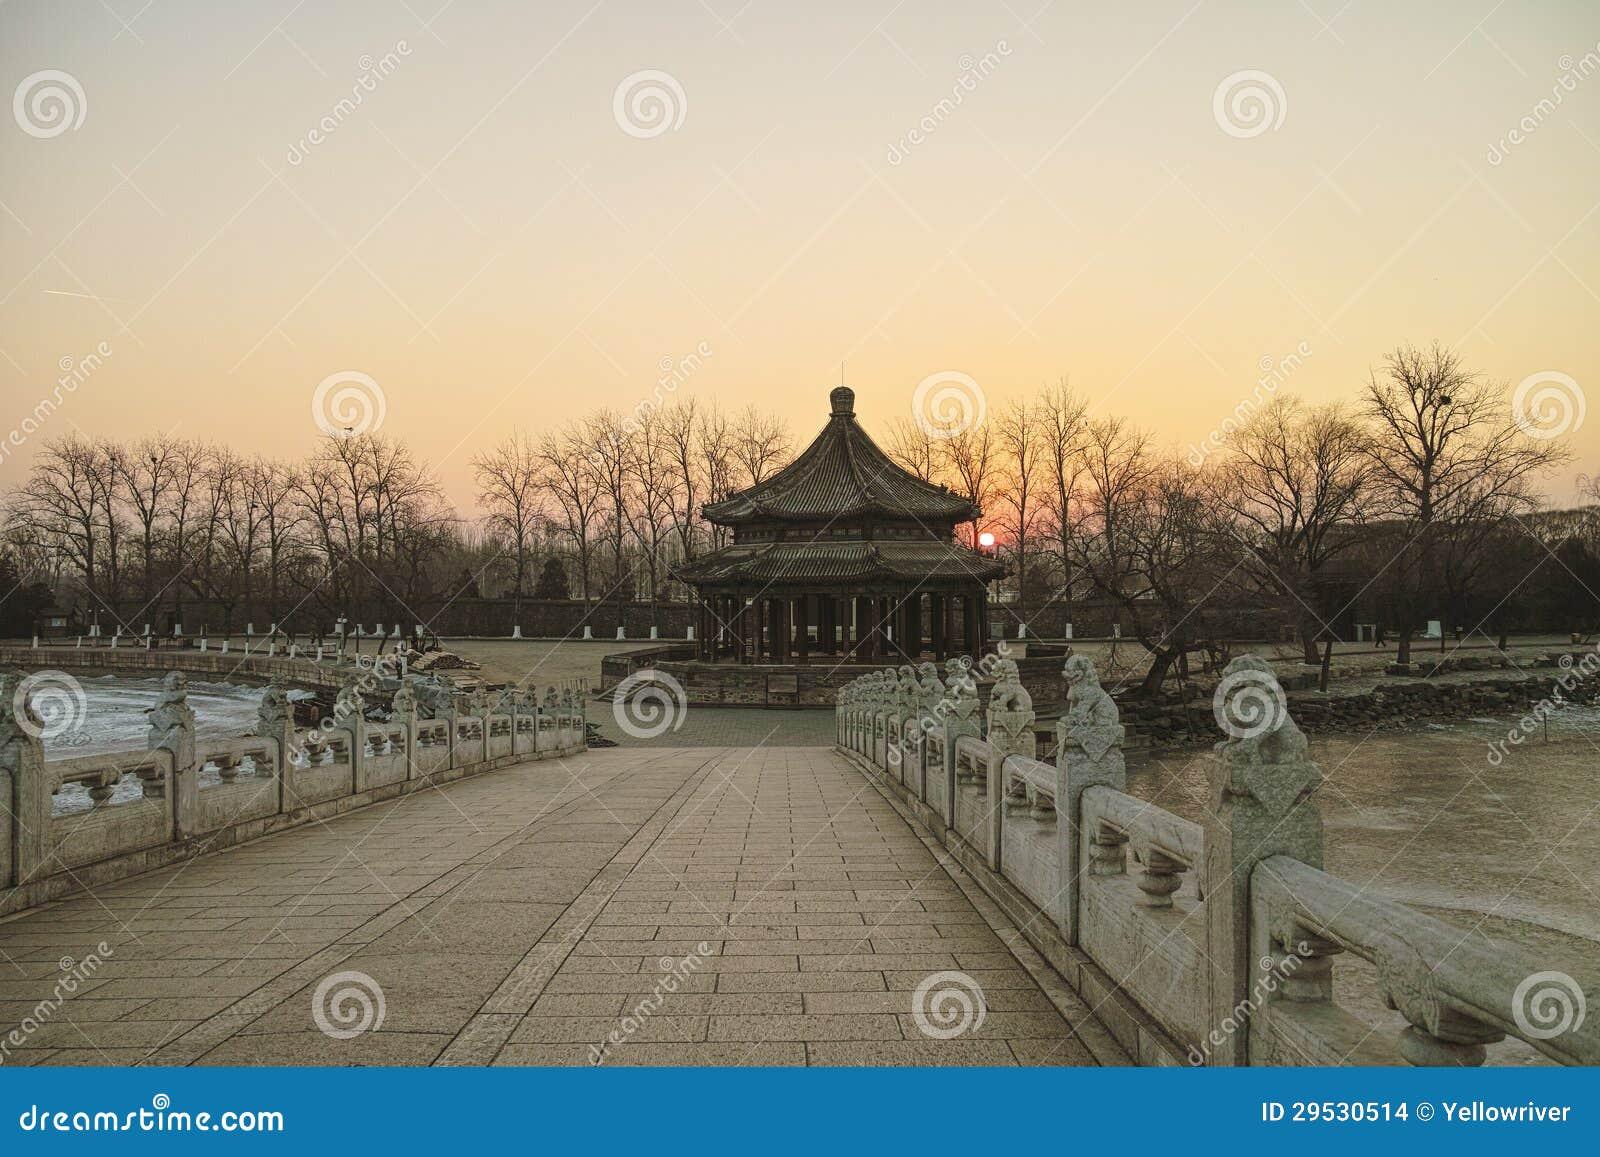 Nascer do sol na ponte de dezessete furos no palácio de verão